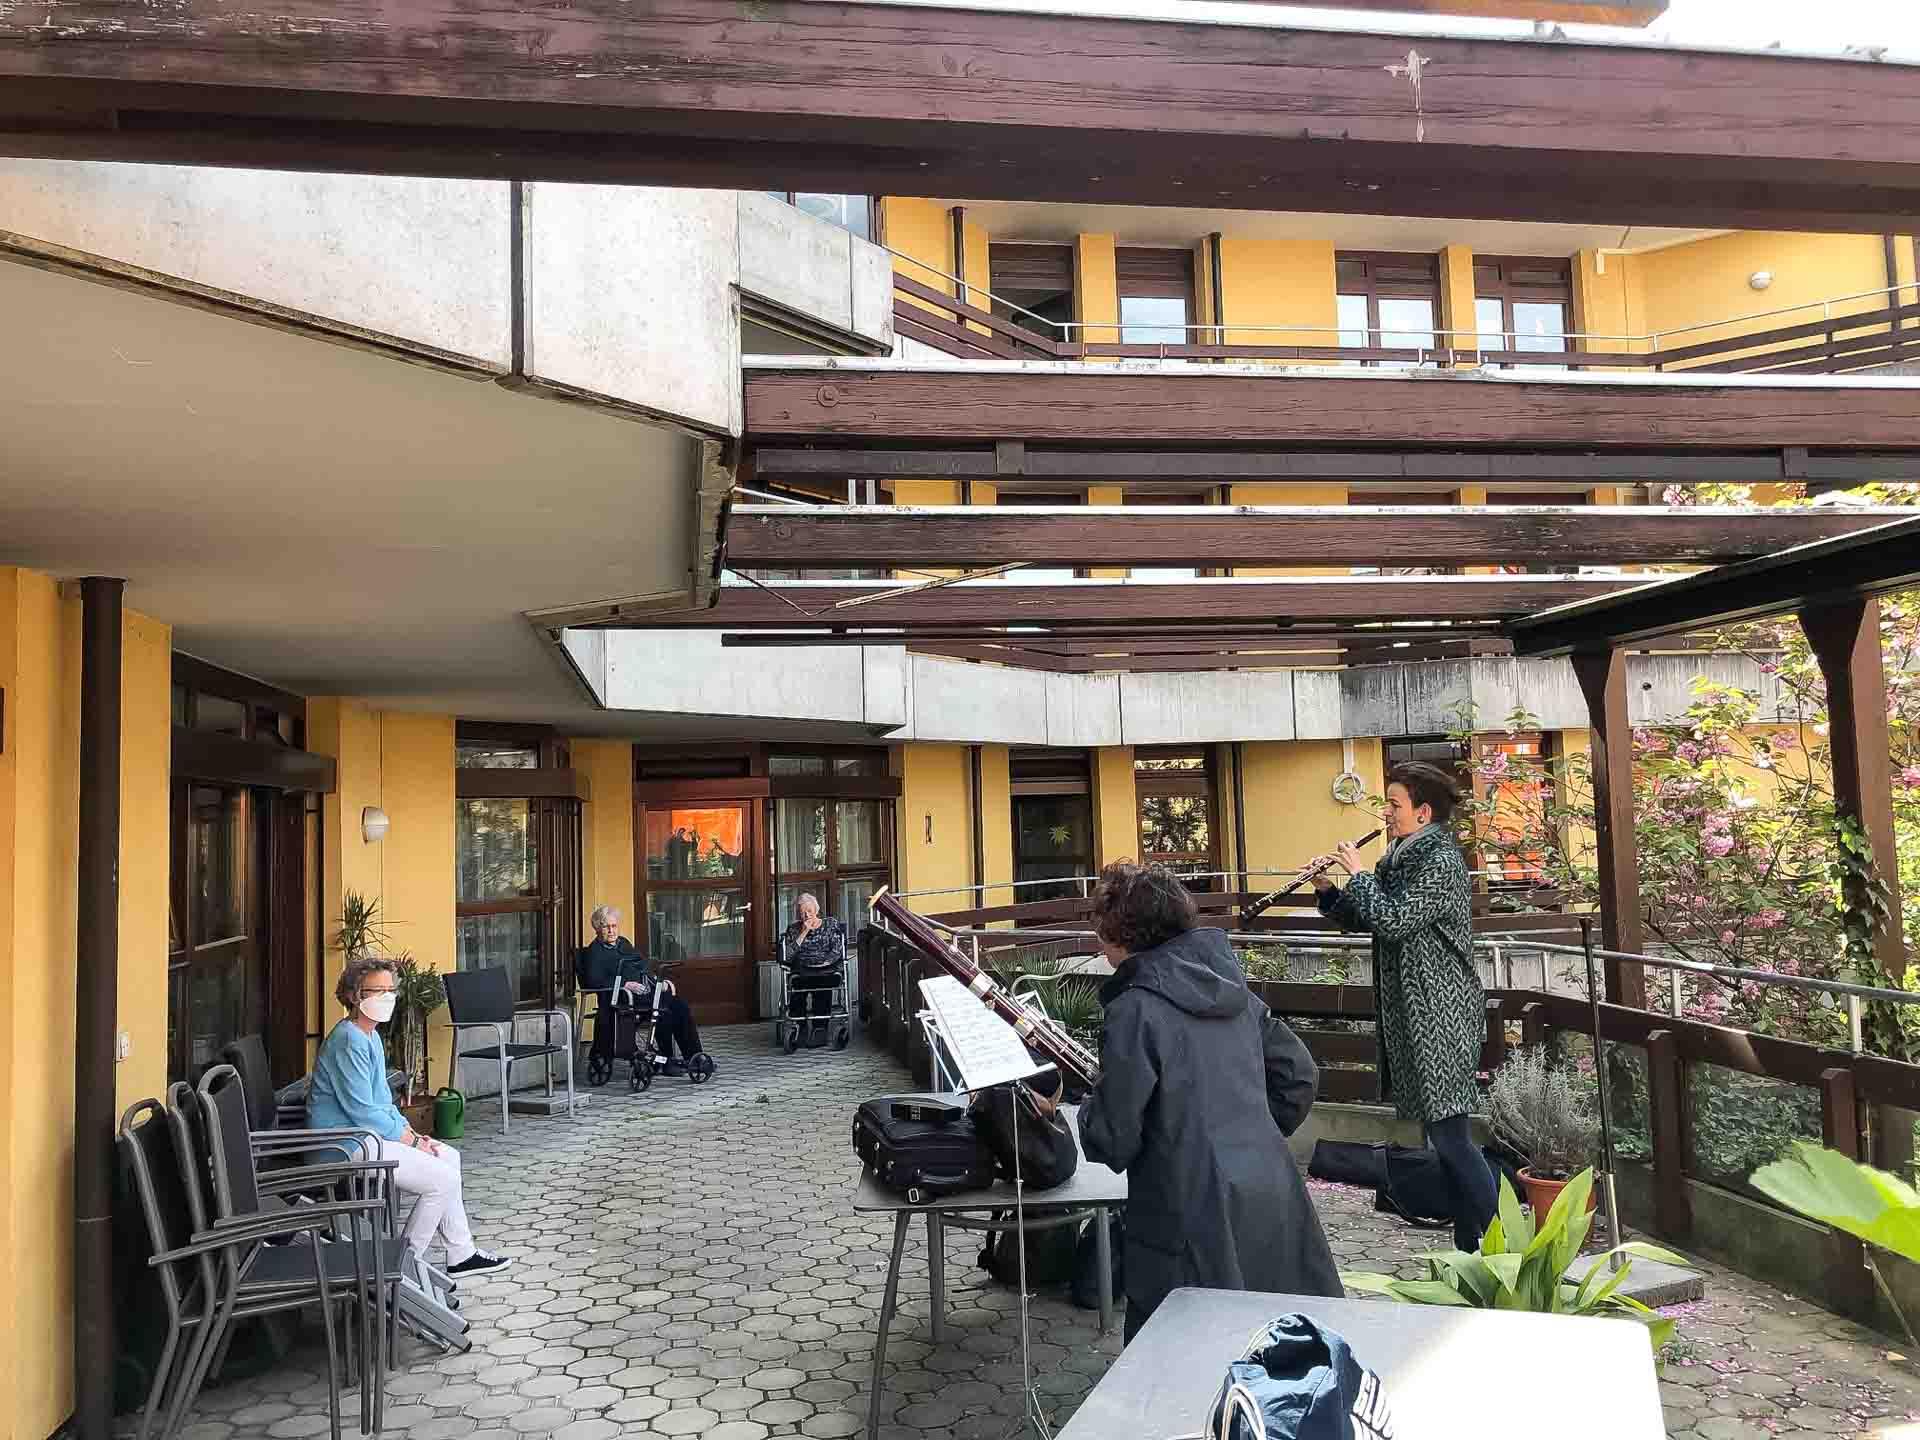 2020-04-16-Balkon-Konzert-SWR-1920px-6605